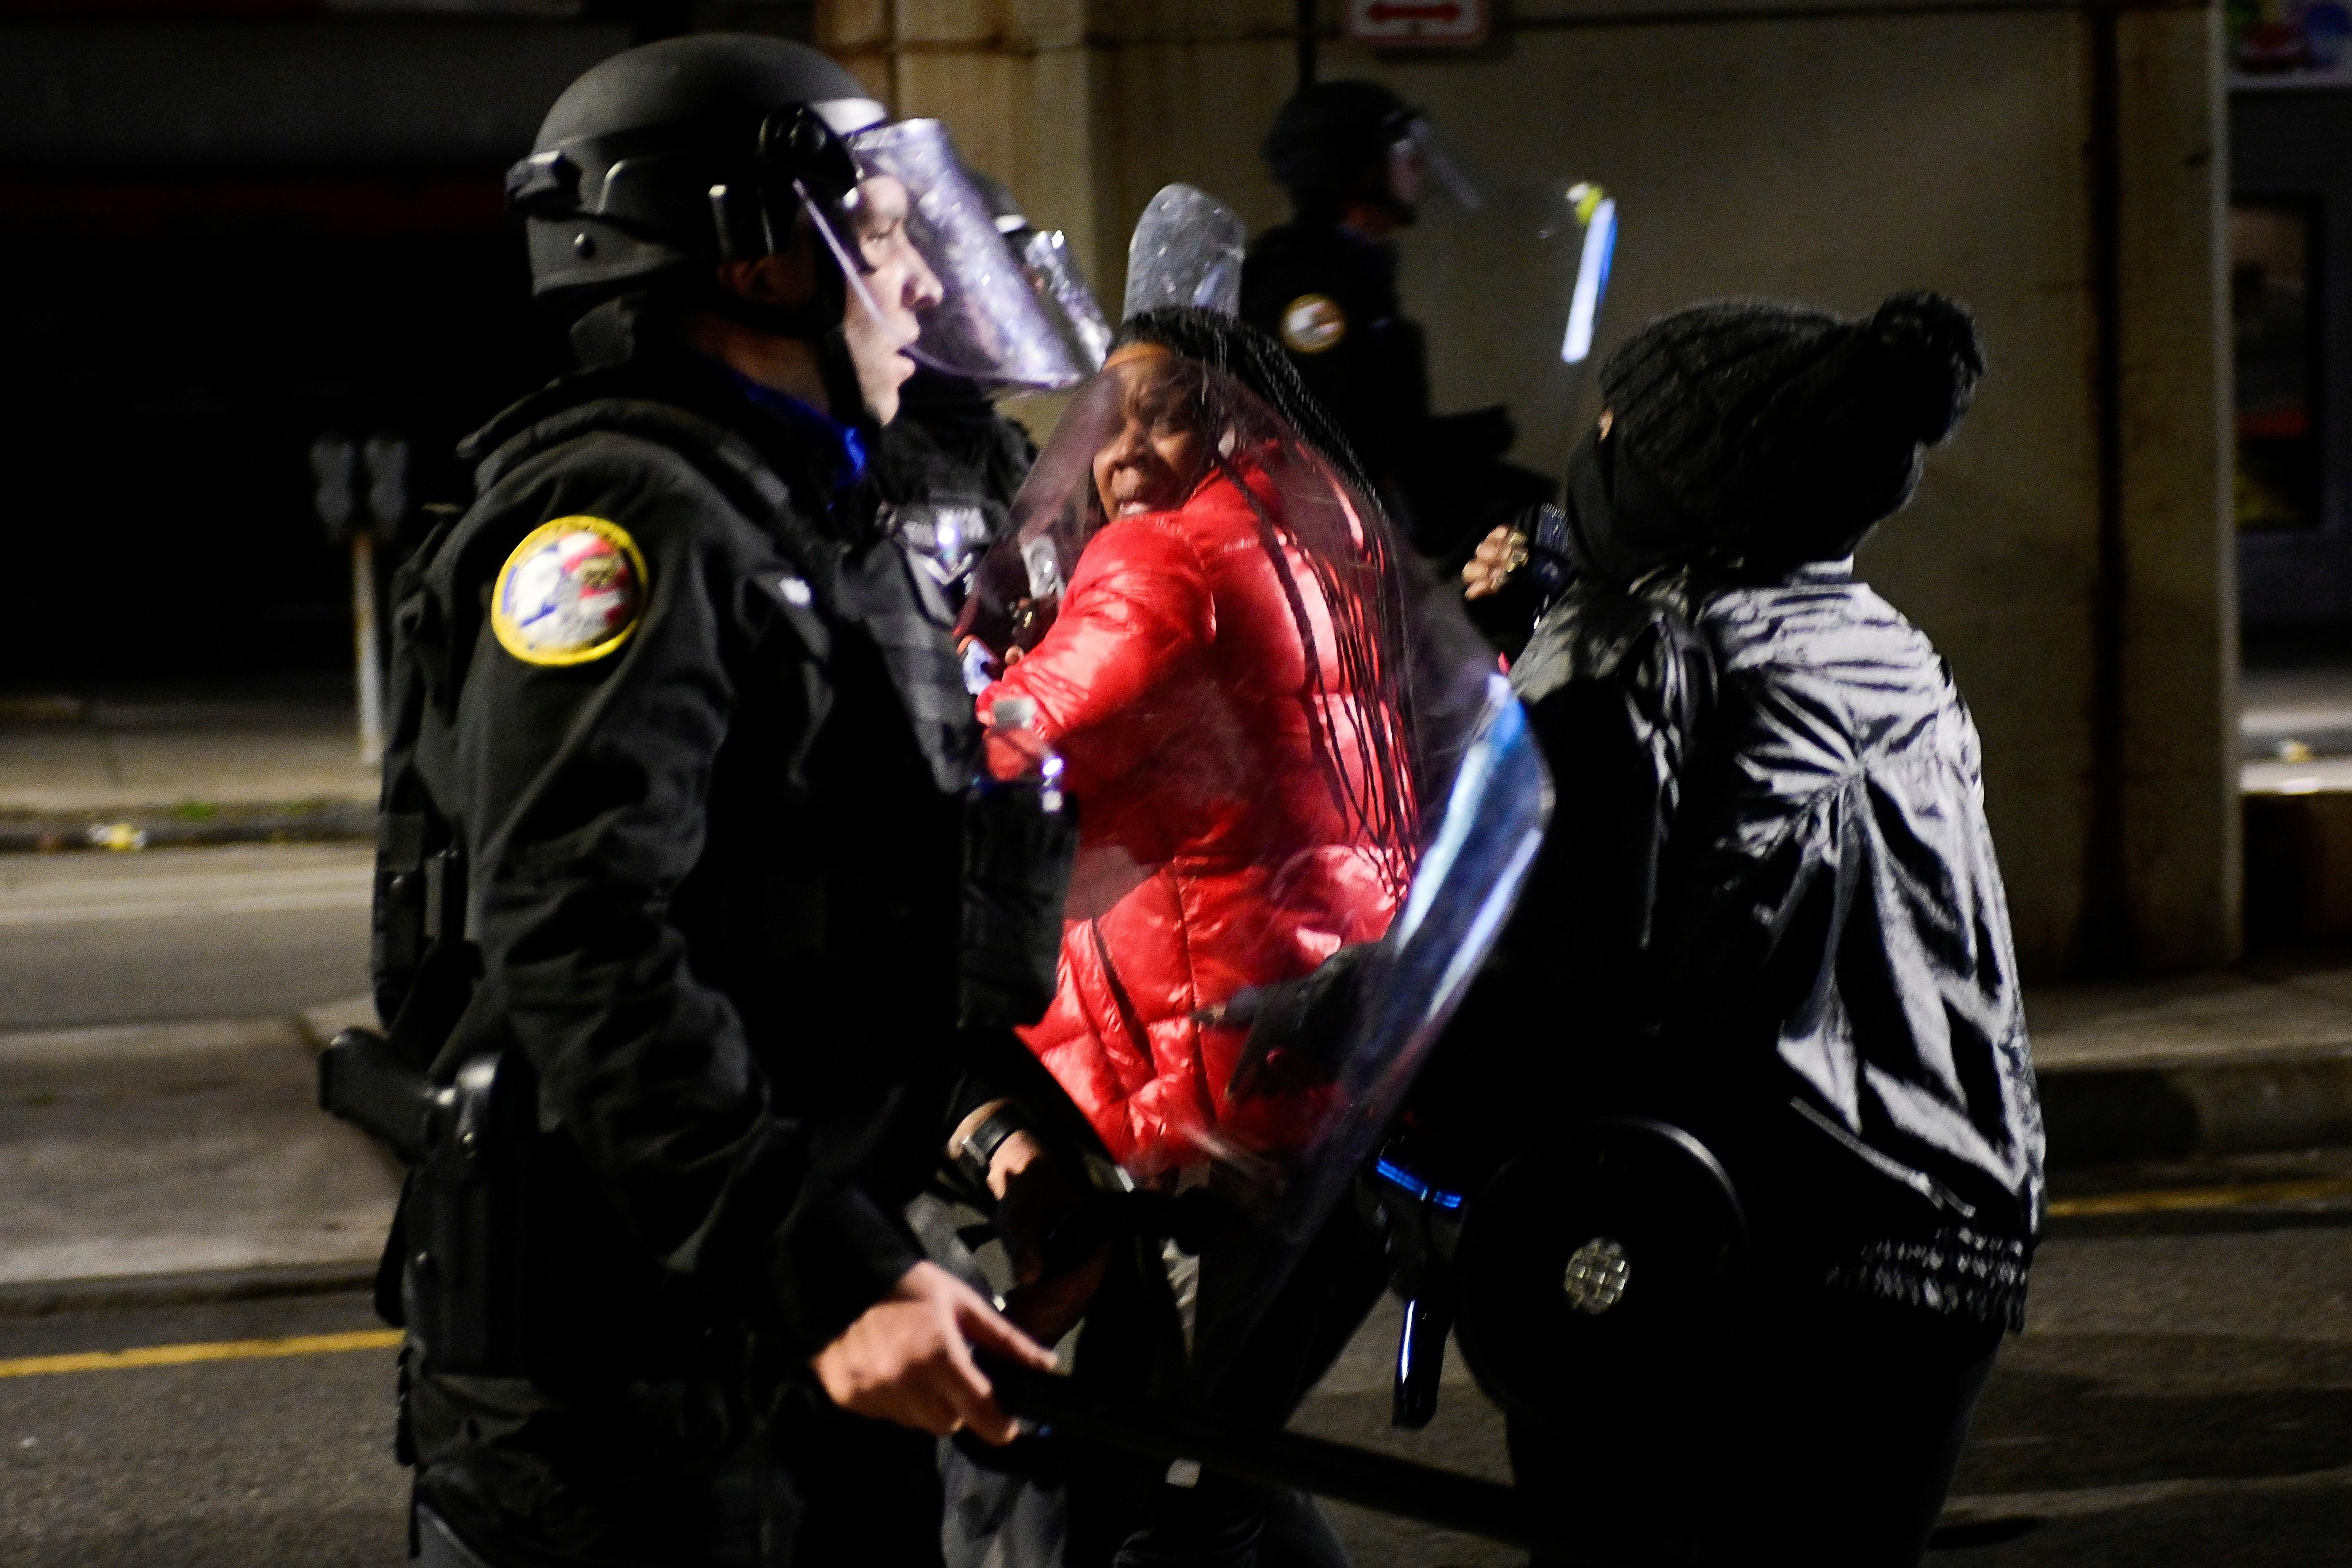 Manifestantes e policiais entram em confronto na Filadélfia; protestos começaram depois de morte de homem negro